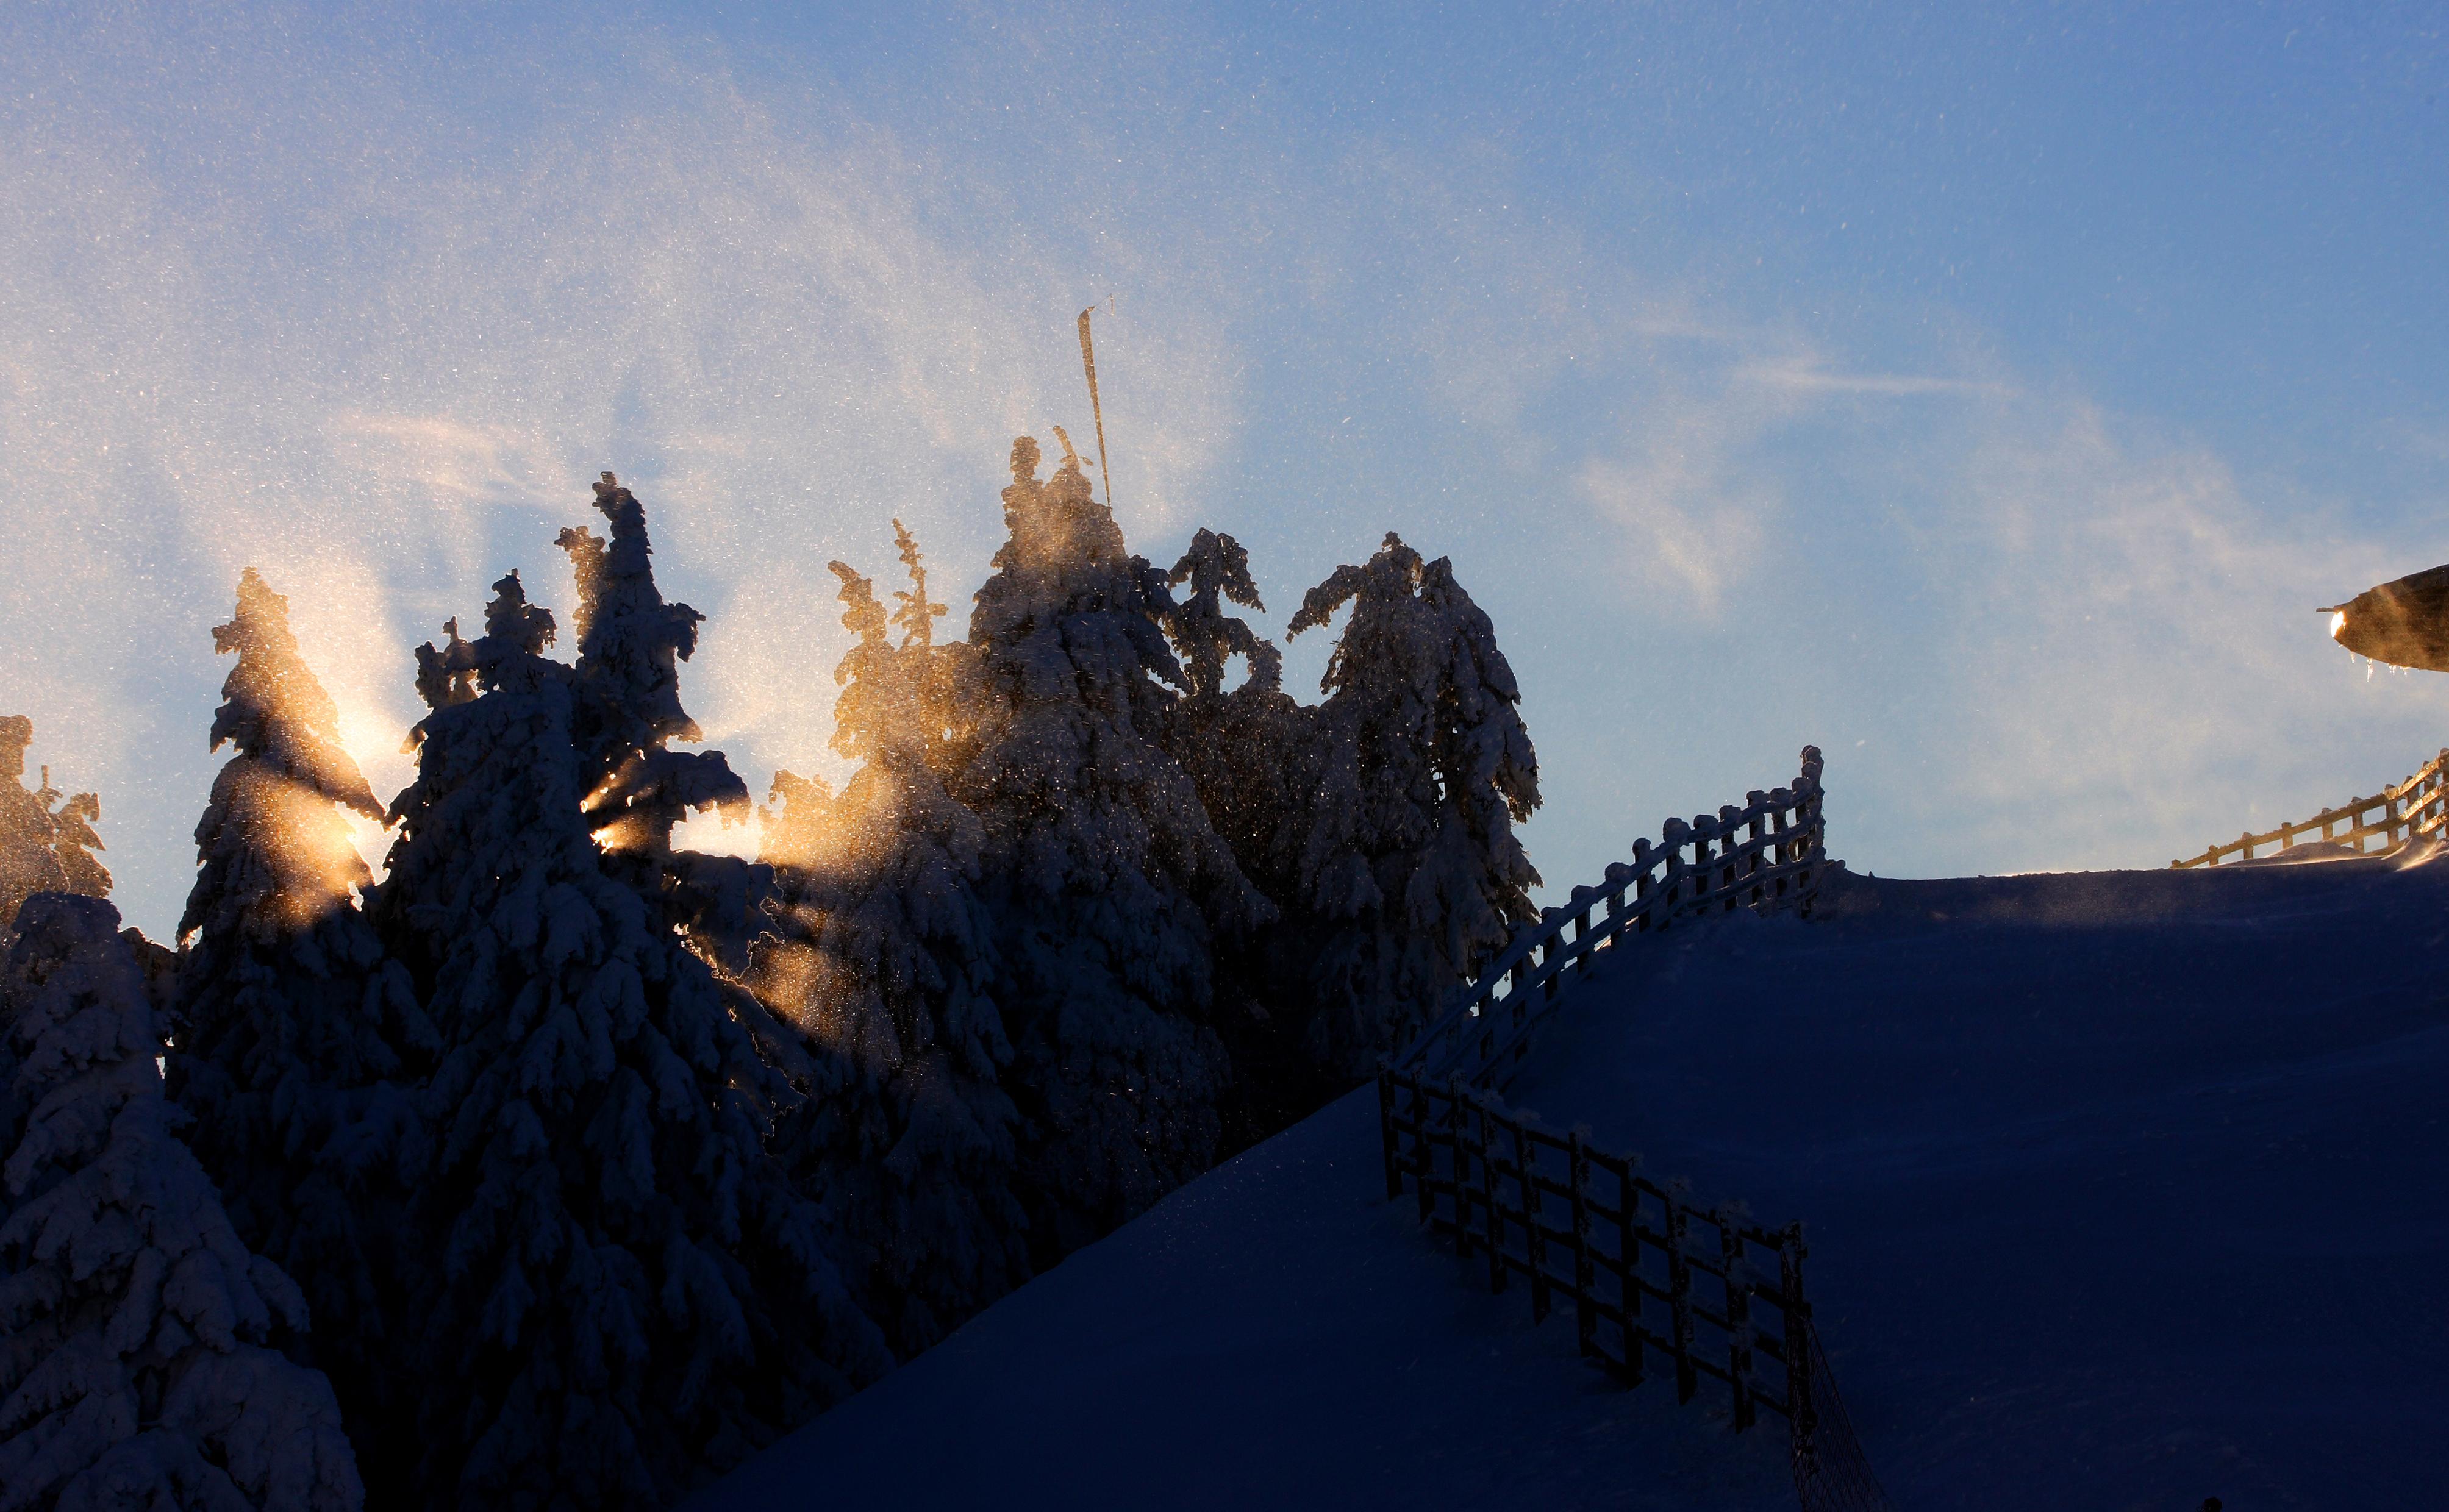 Opt copii şi doi instructori de schi, coborâţi de la Cabana Postăvaru de salvamontişti, după ce au fost surprinşi de ceaţă şi întuneric / Unii dintre ei se aflau într-o zonă unde accesul era interzis